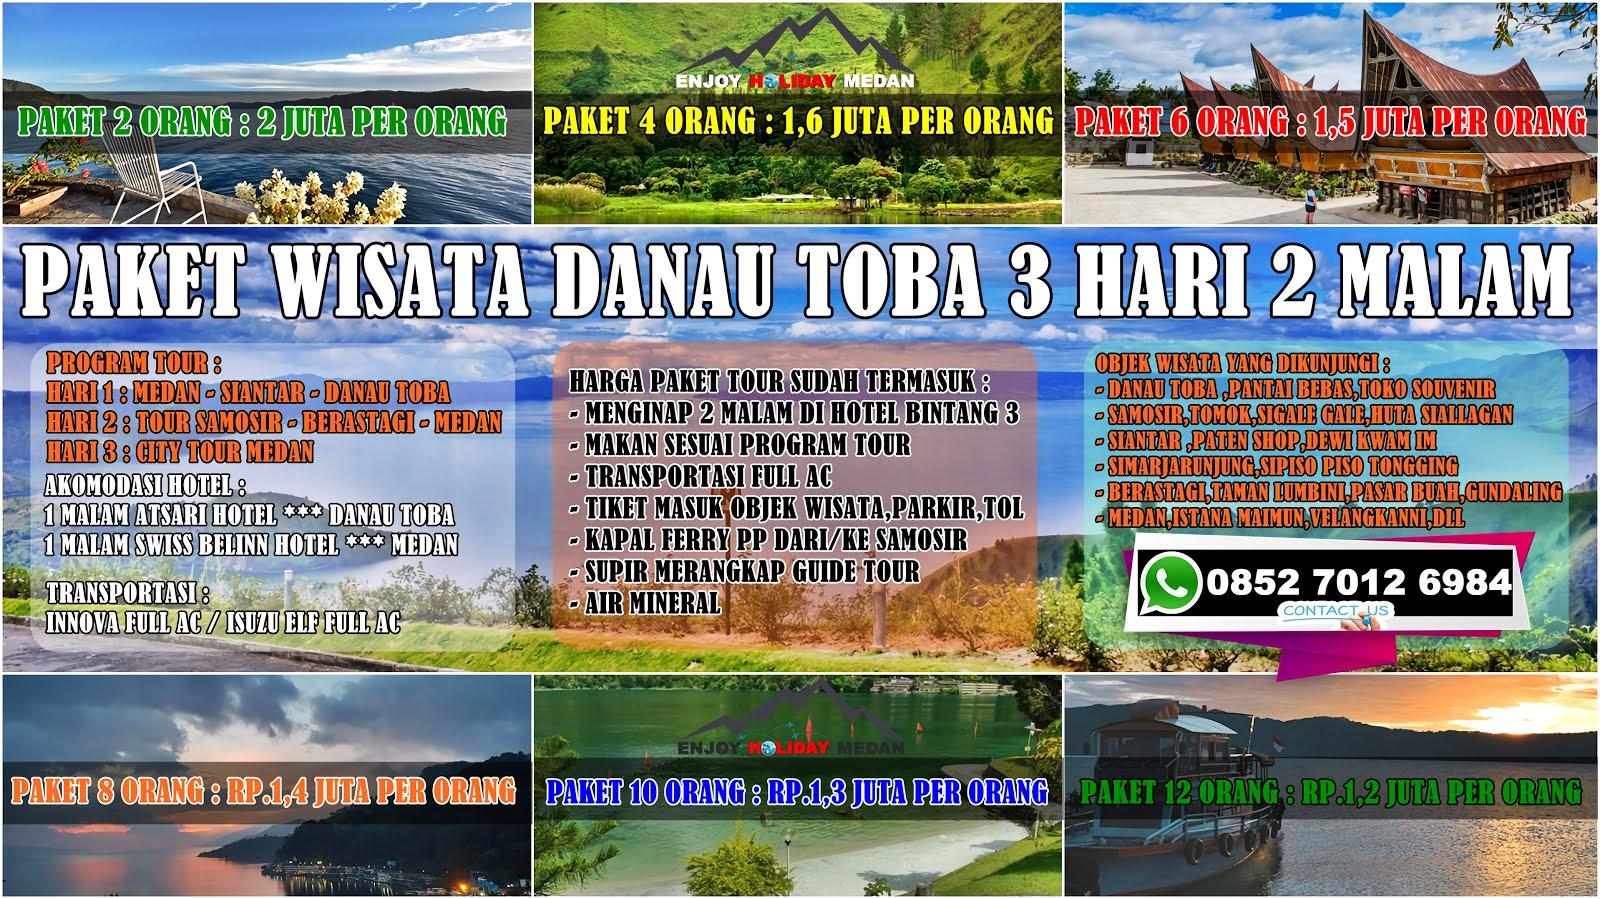 paket wisata danau toba 3 hari 2 malam